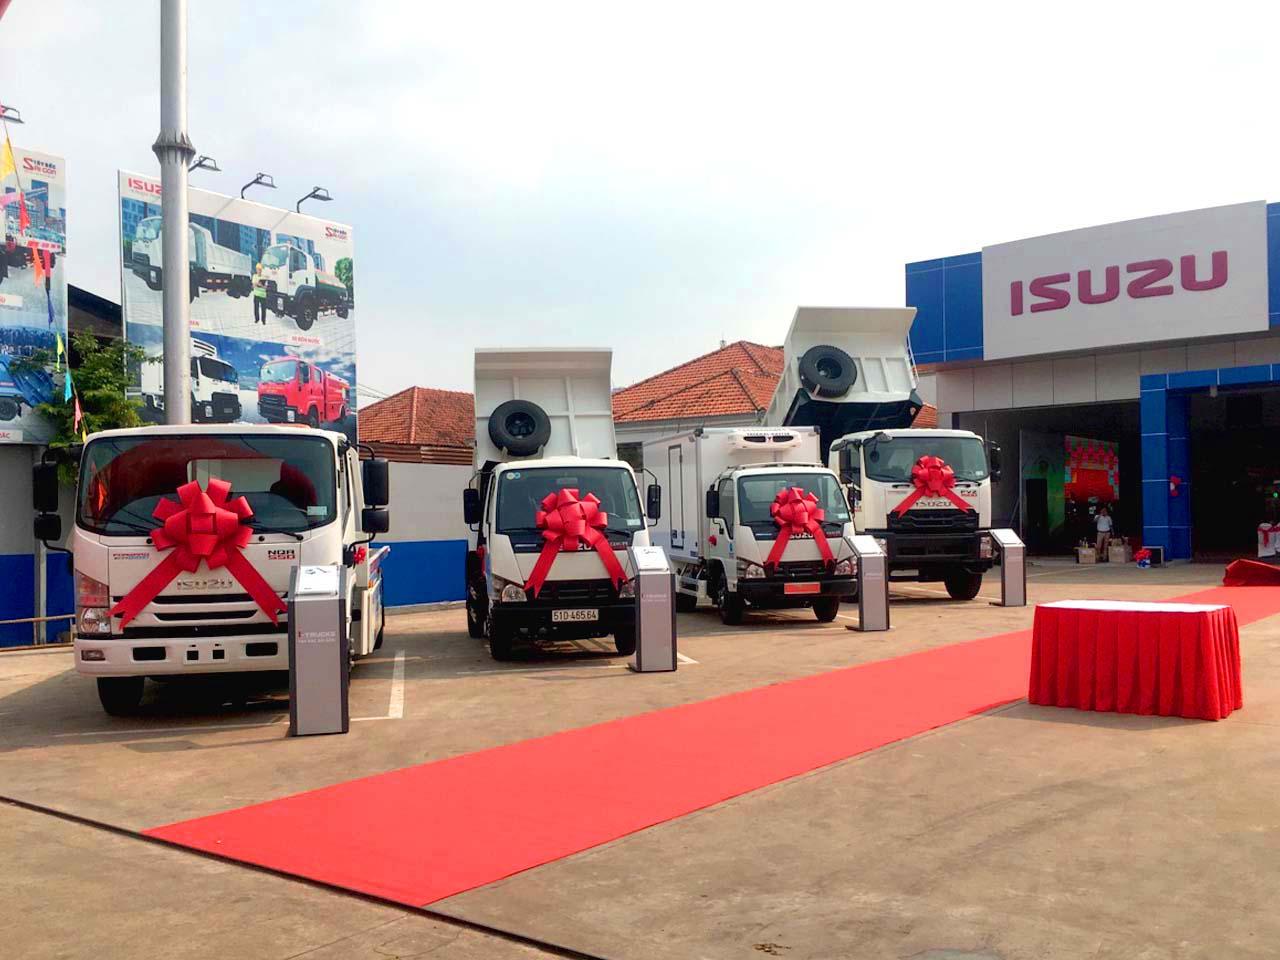 Một số mẫu xe chuyên dùng được trưng bày tại lễ khai trương đại lý Isuzu Hóc Môn I-Trucks Tây Bắc Sài Gòn